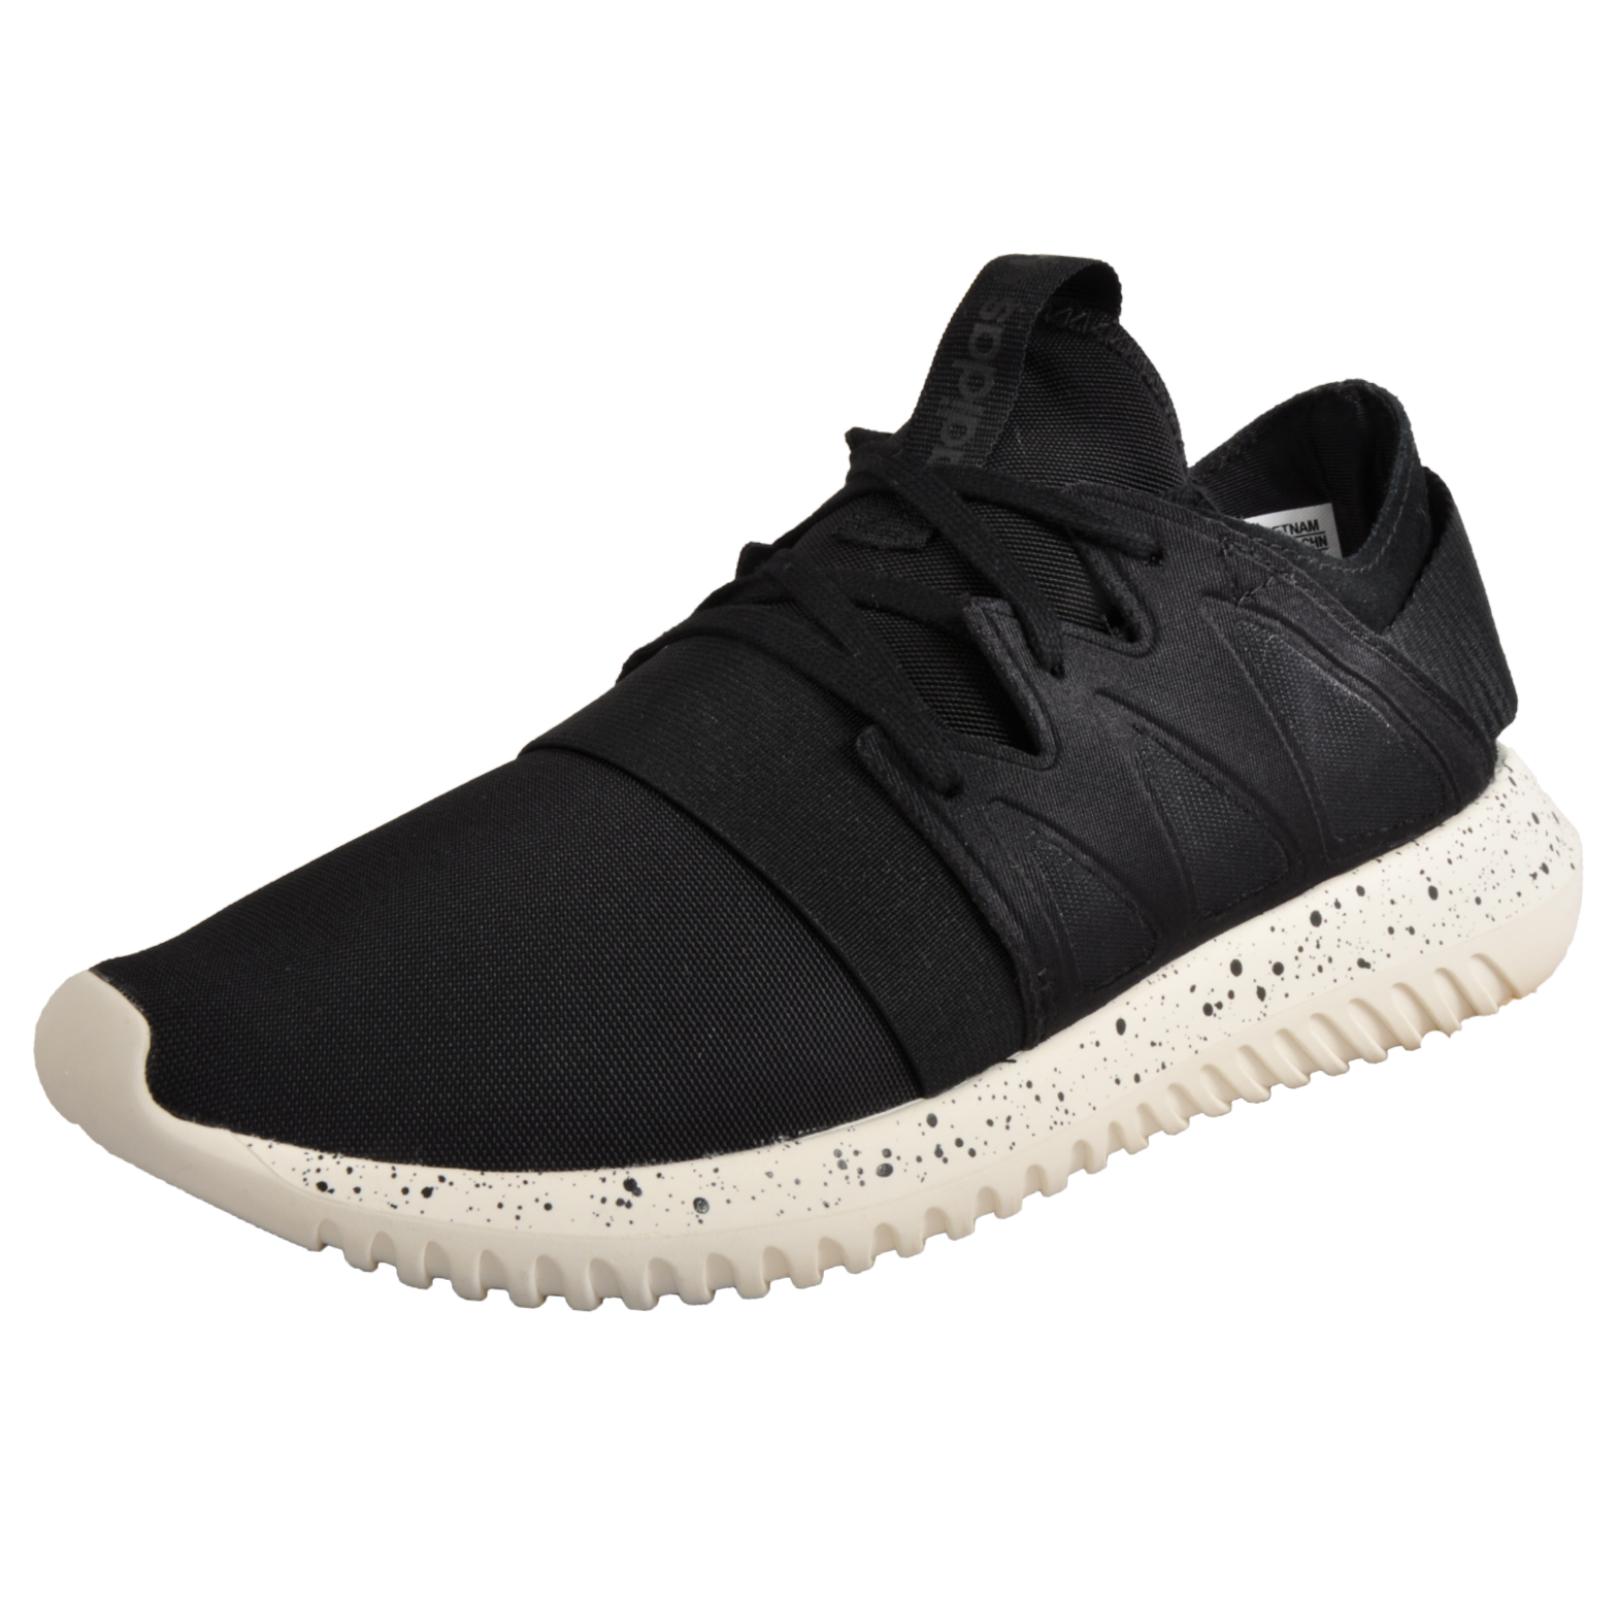 Adidas Originali Per Le Fitness Scarpe Da Corsa Della Fitness Le Virale a8bcc1